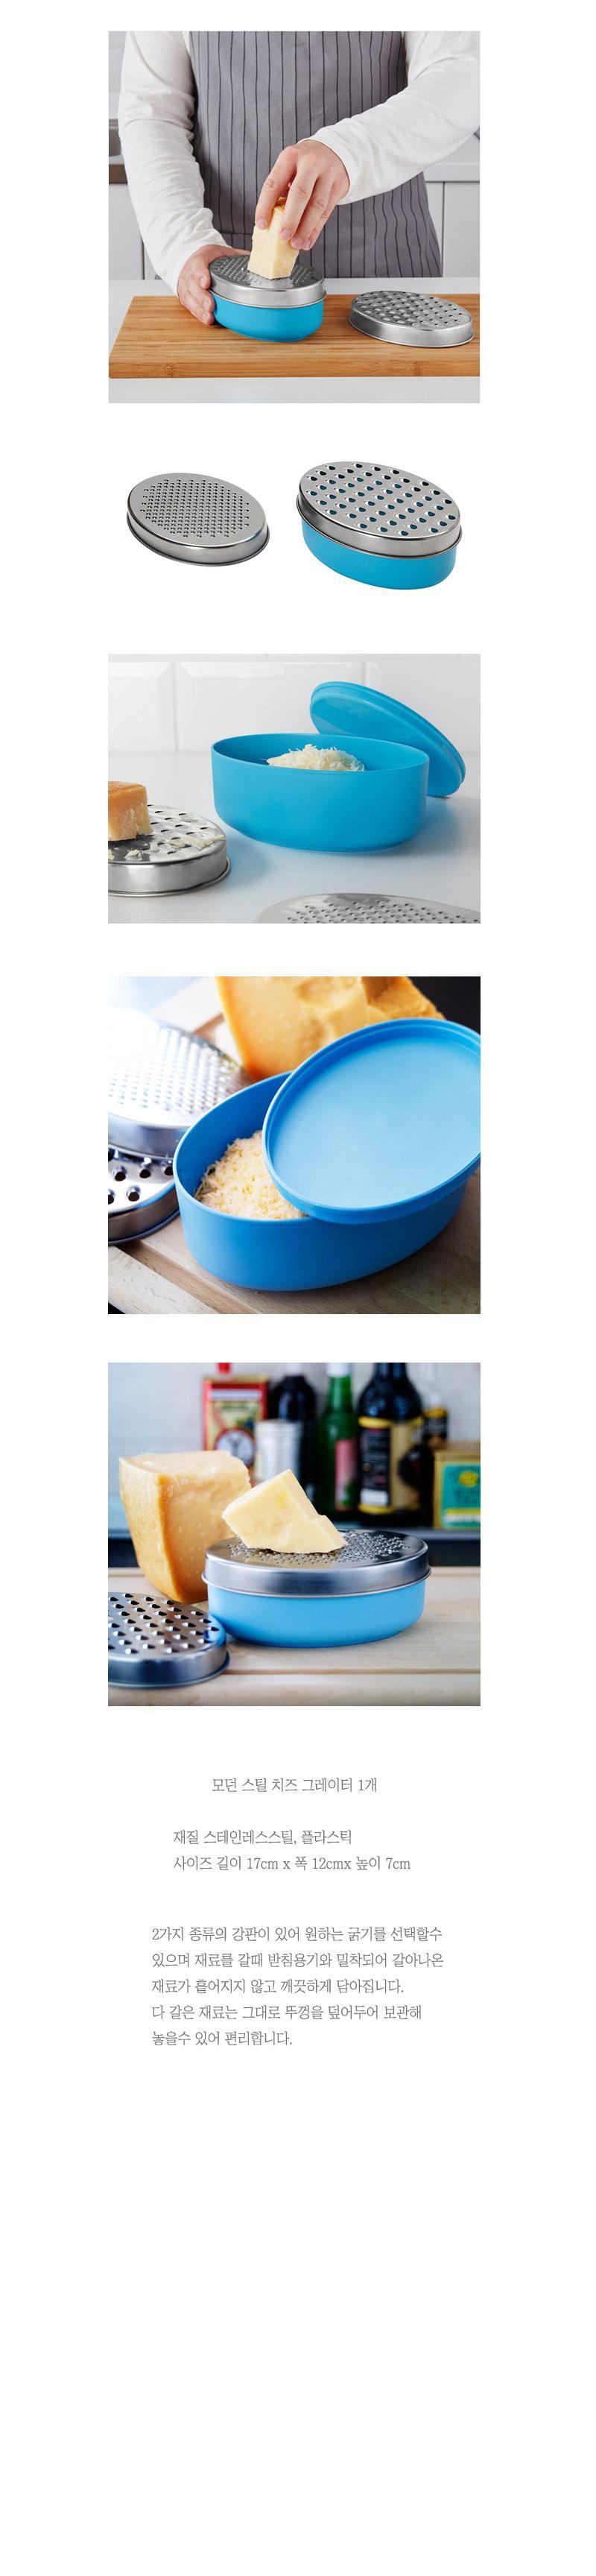 모던 스틸 치즈 그레이터 1개 치즈그레이터 초콜릿갈 치즈그레이터 초콜릿갈이 치즈강판 야채강판 그레이터